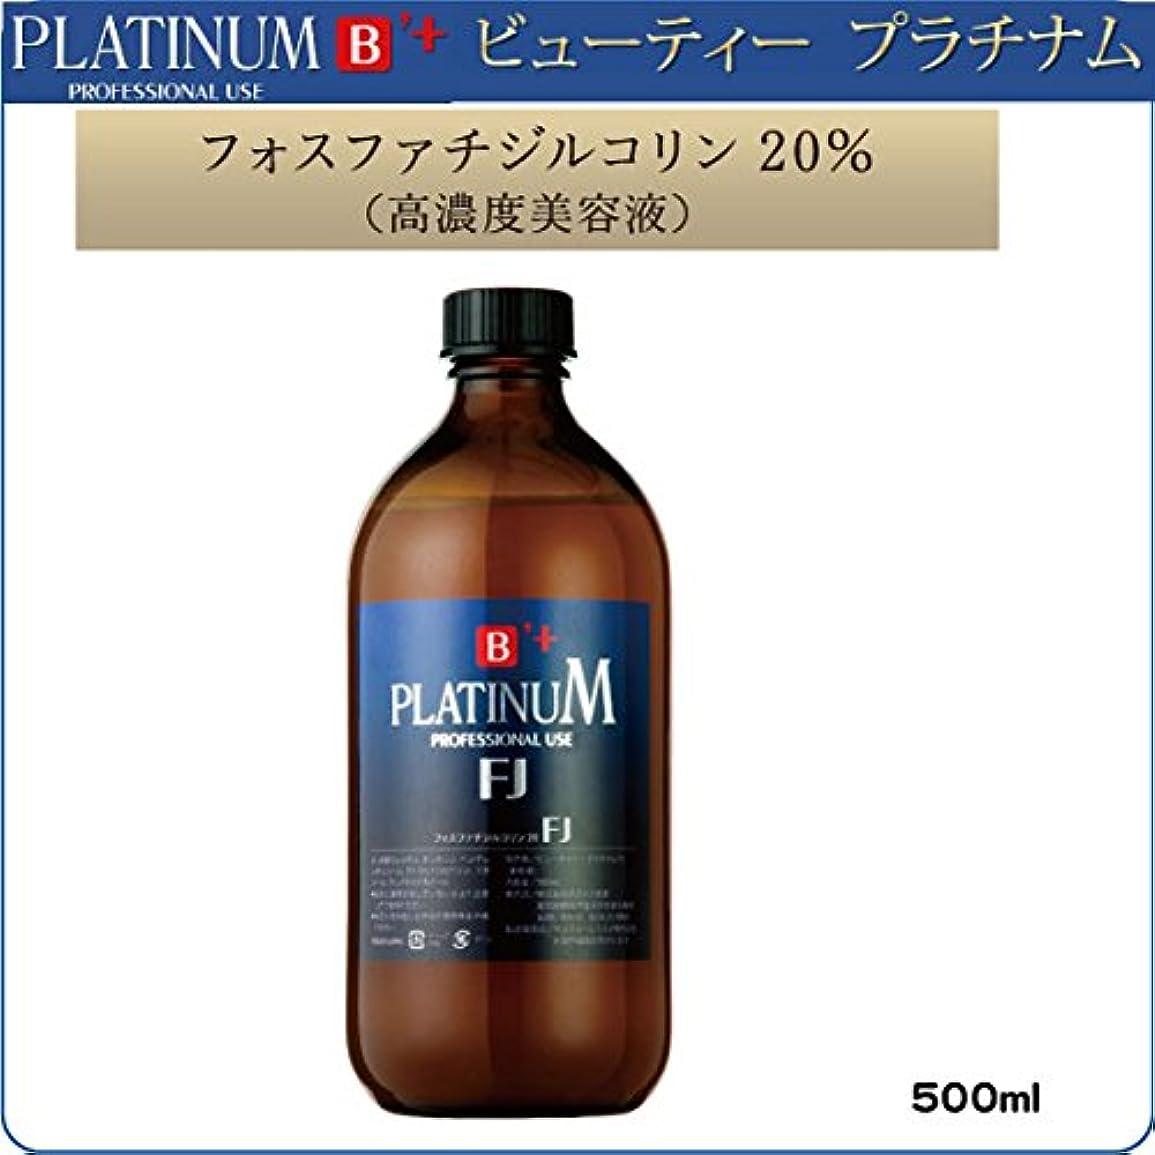 ジャズジャンプする系譜【ビューティー プラチナム】 PLATINUM B'+  フォスファチジルコリン20%高濃度美容液  痩身専用:500ml